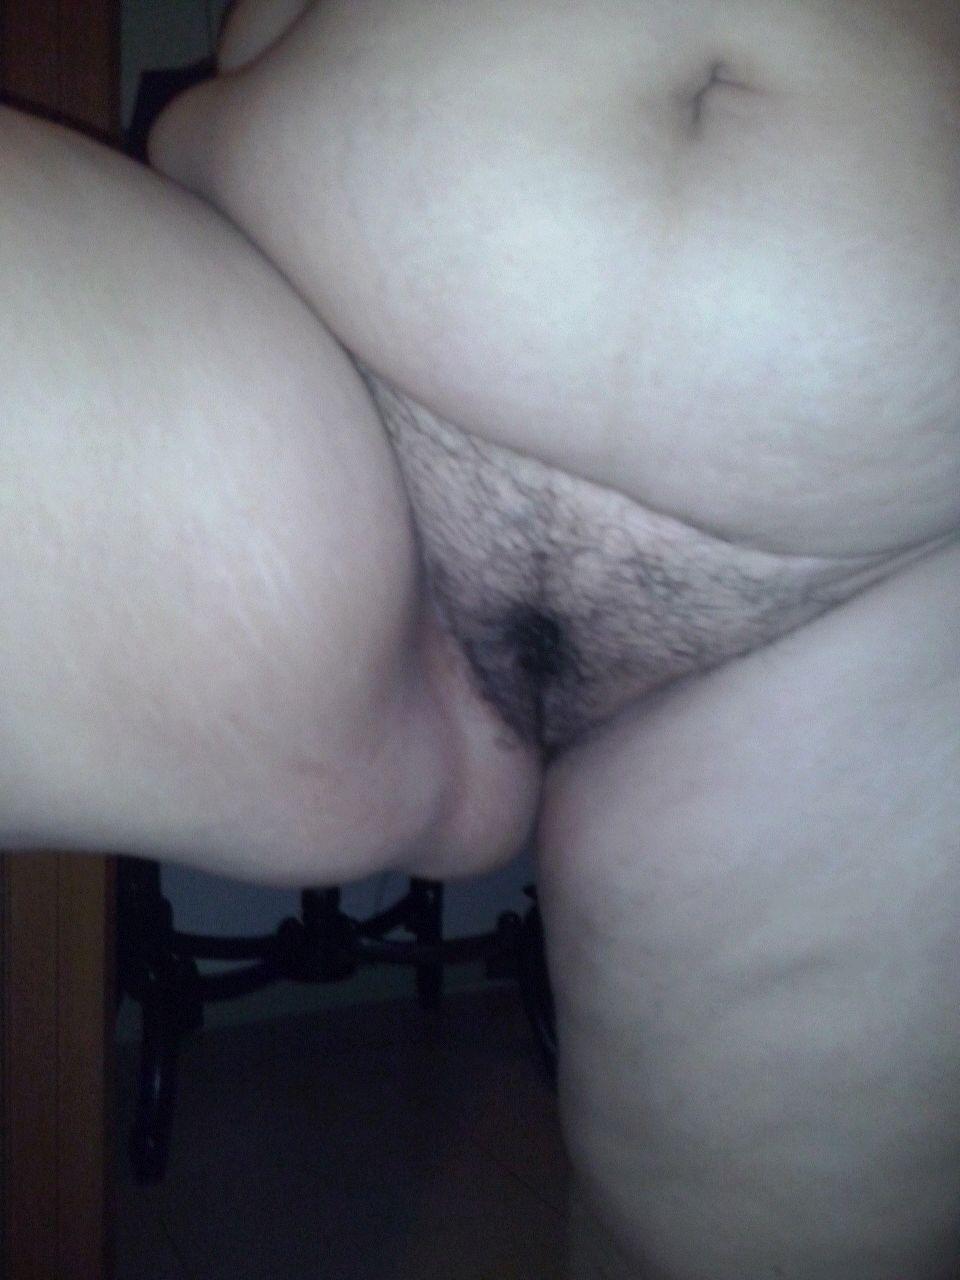 gordas lindas putas esposa